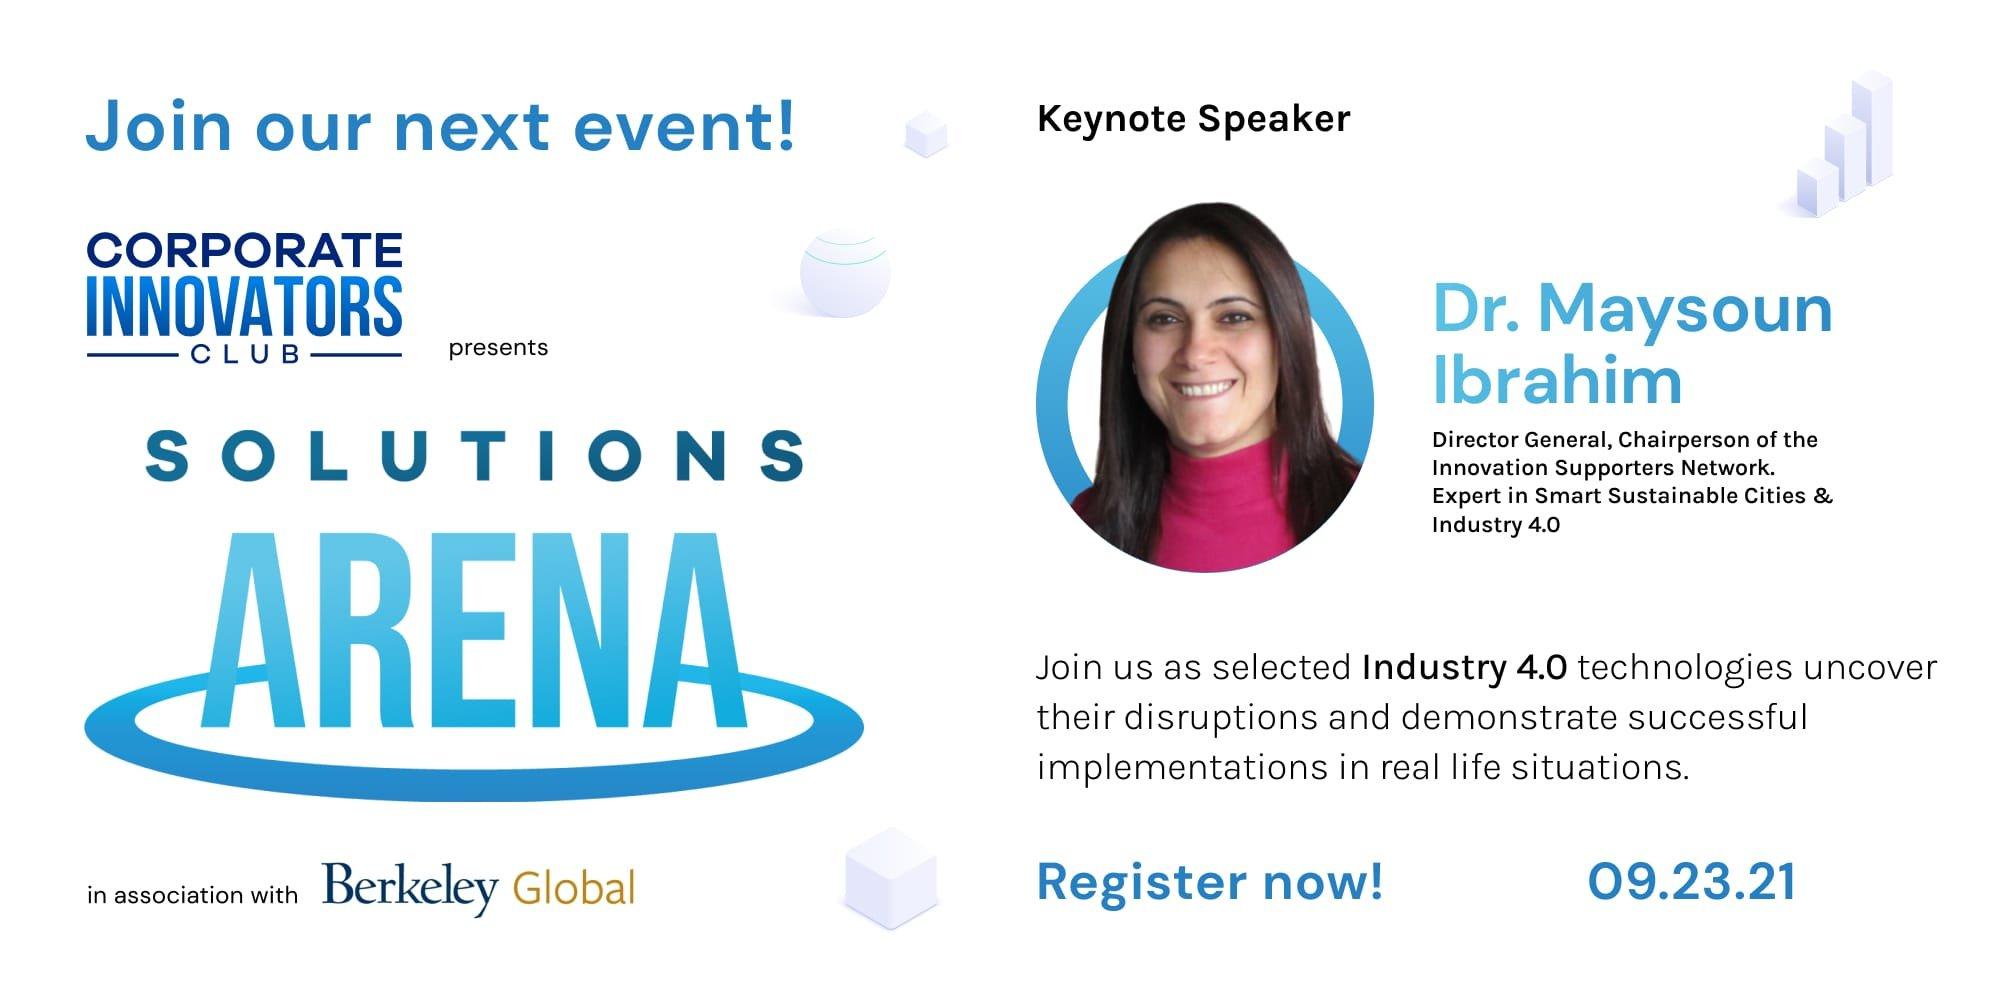 Solutions Arena event - Dr. Maysoun Ibrahim